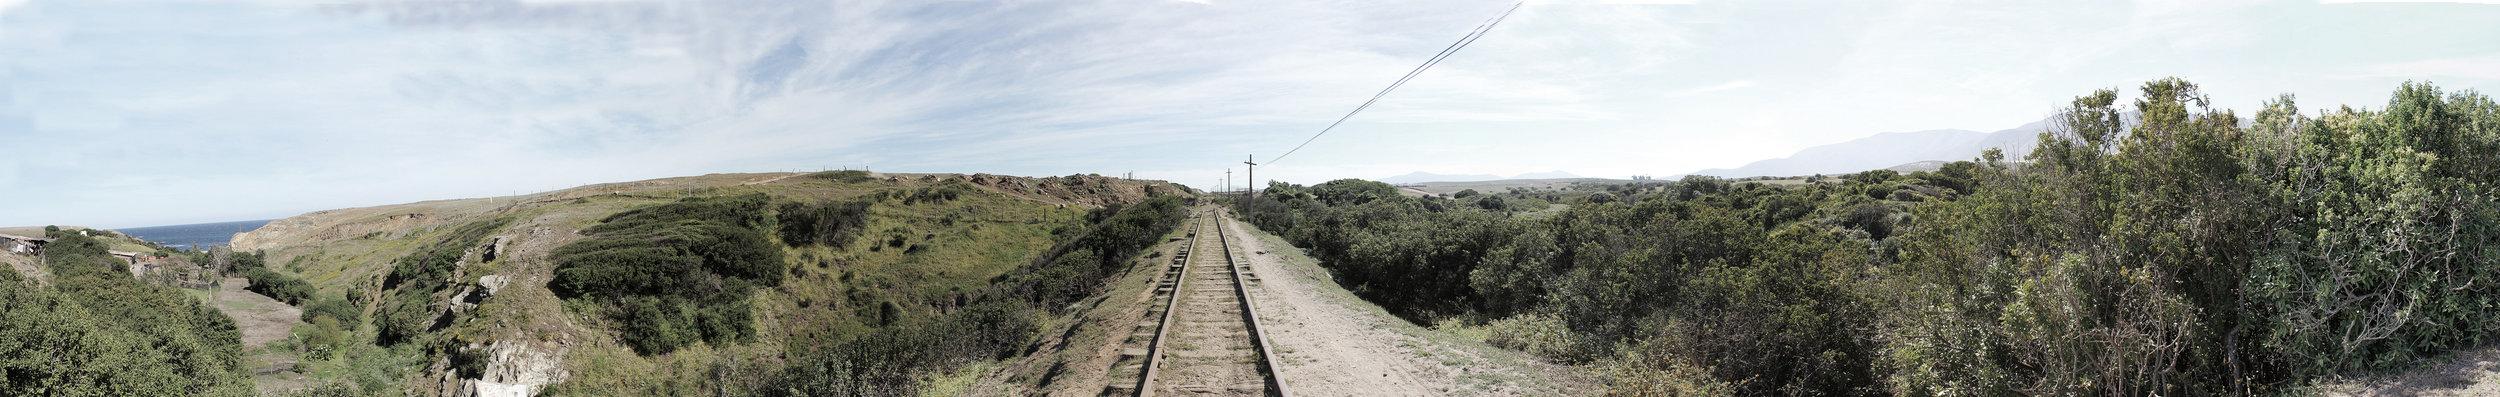 (5) Quebrada de Quereo y línea férrea © Maximiliano, Millan S. Para LOFscapes.